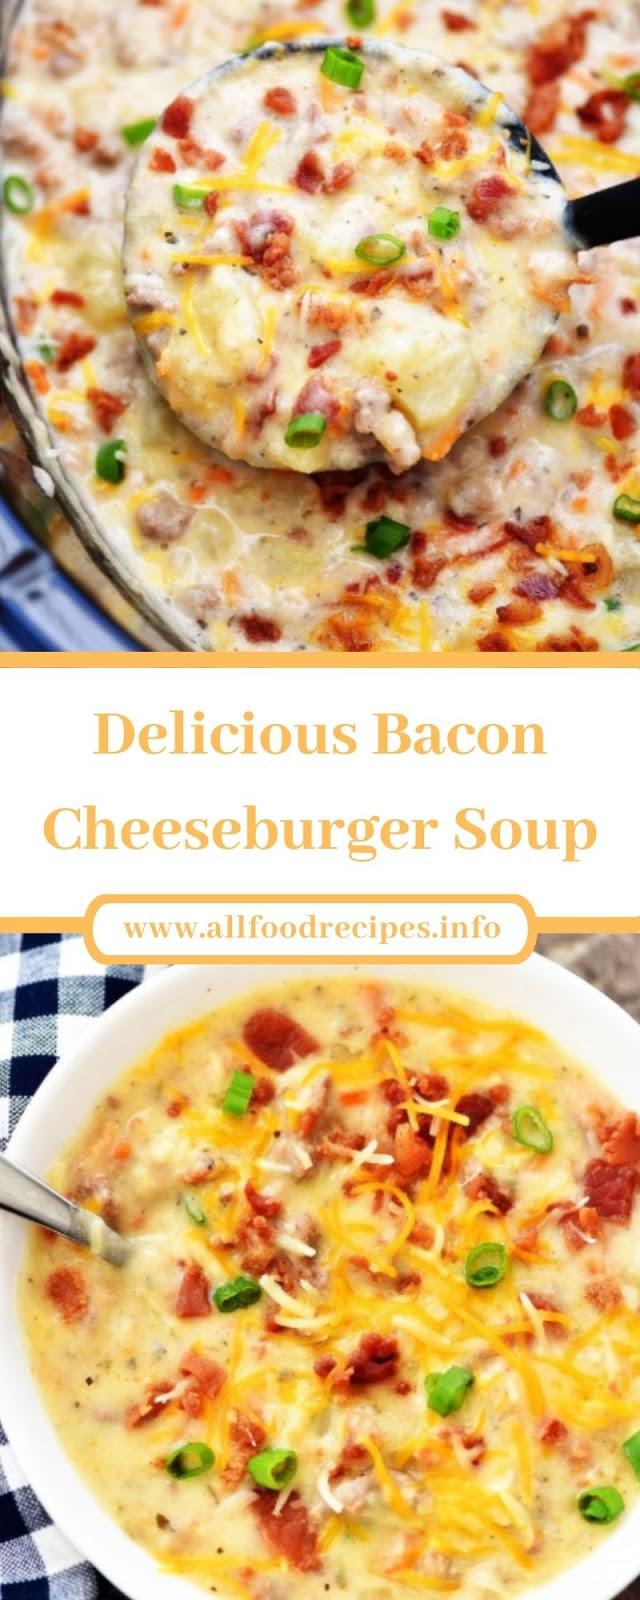 Delicious Bacon Cheeseburger Soup